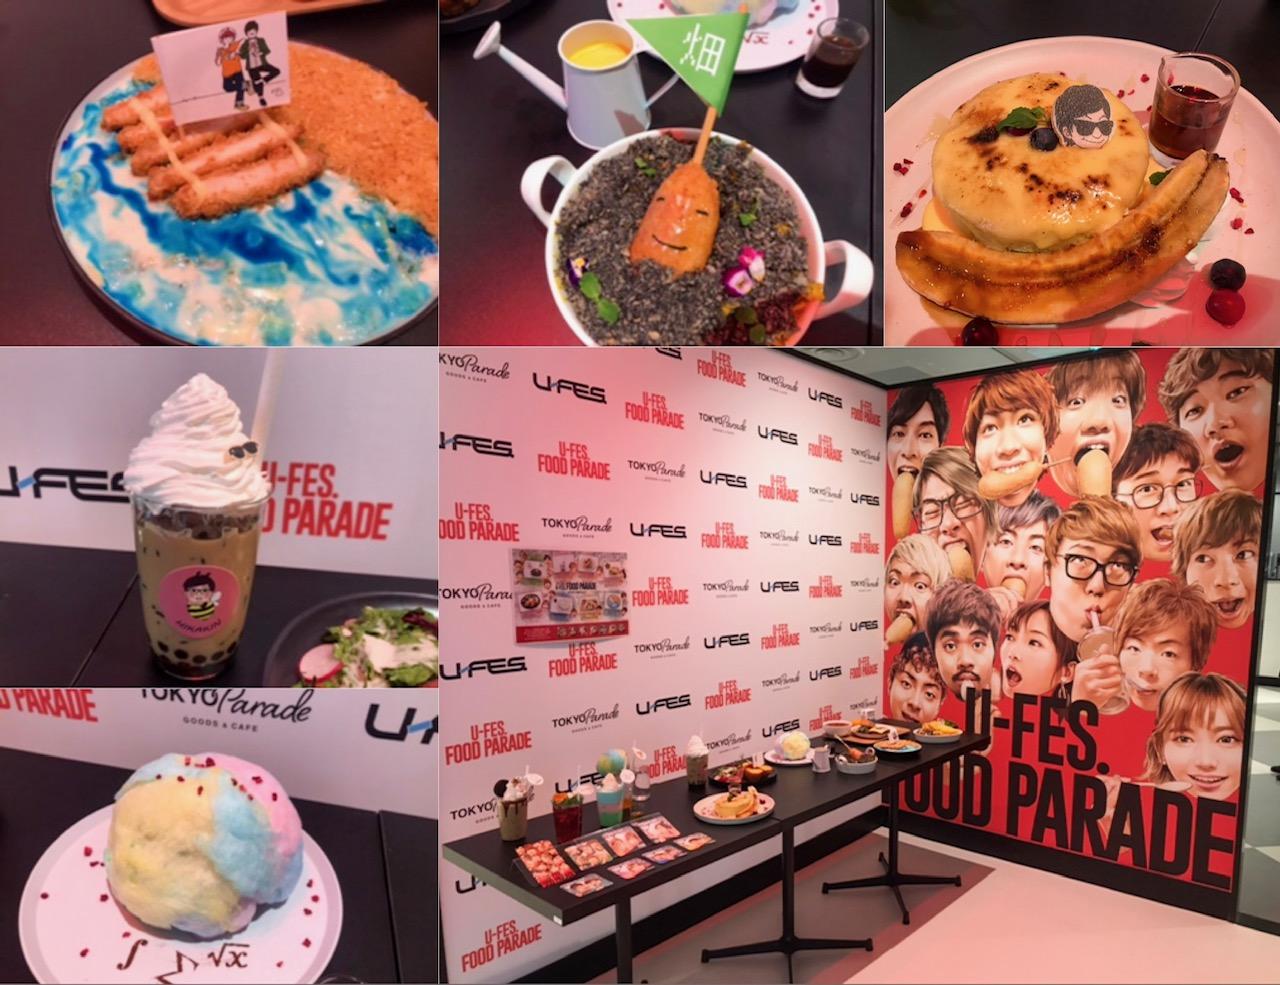 『渋谷PARCO』のおすすめグルメ7選。「未来日本酒店」や「ON THE CORNER」、限定コラボカフェ「U-FES. FOOD PARADE」も!_7